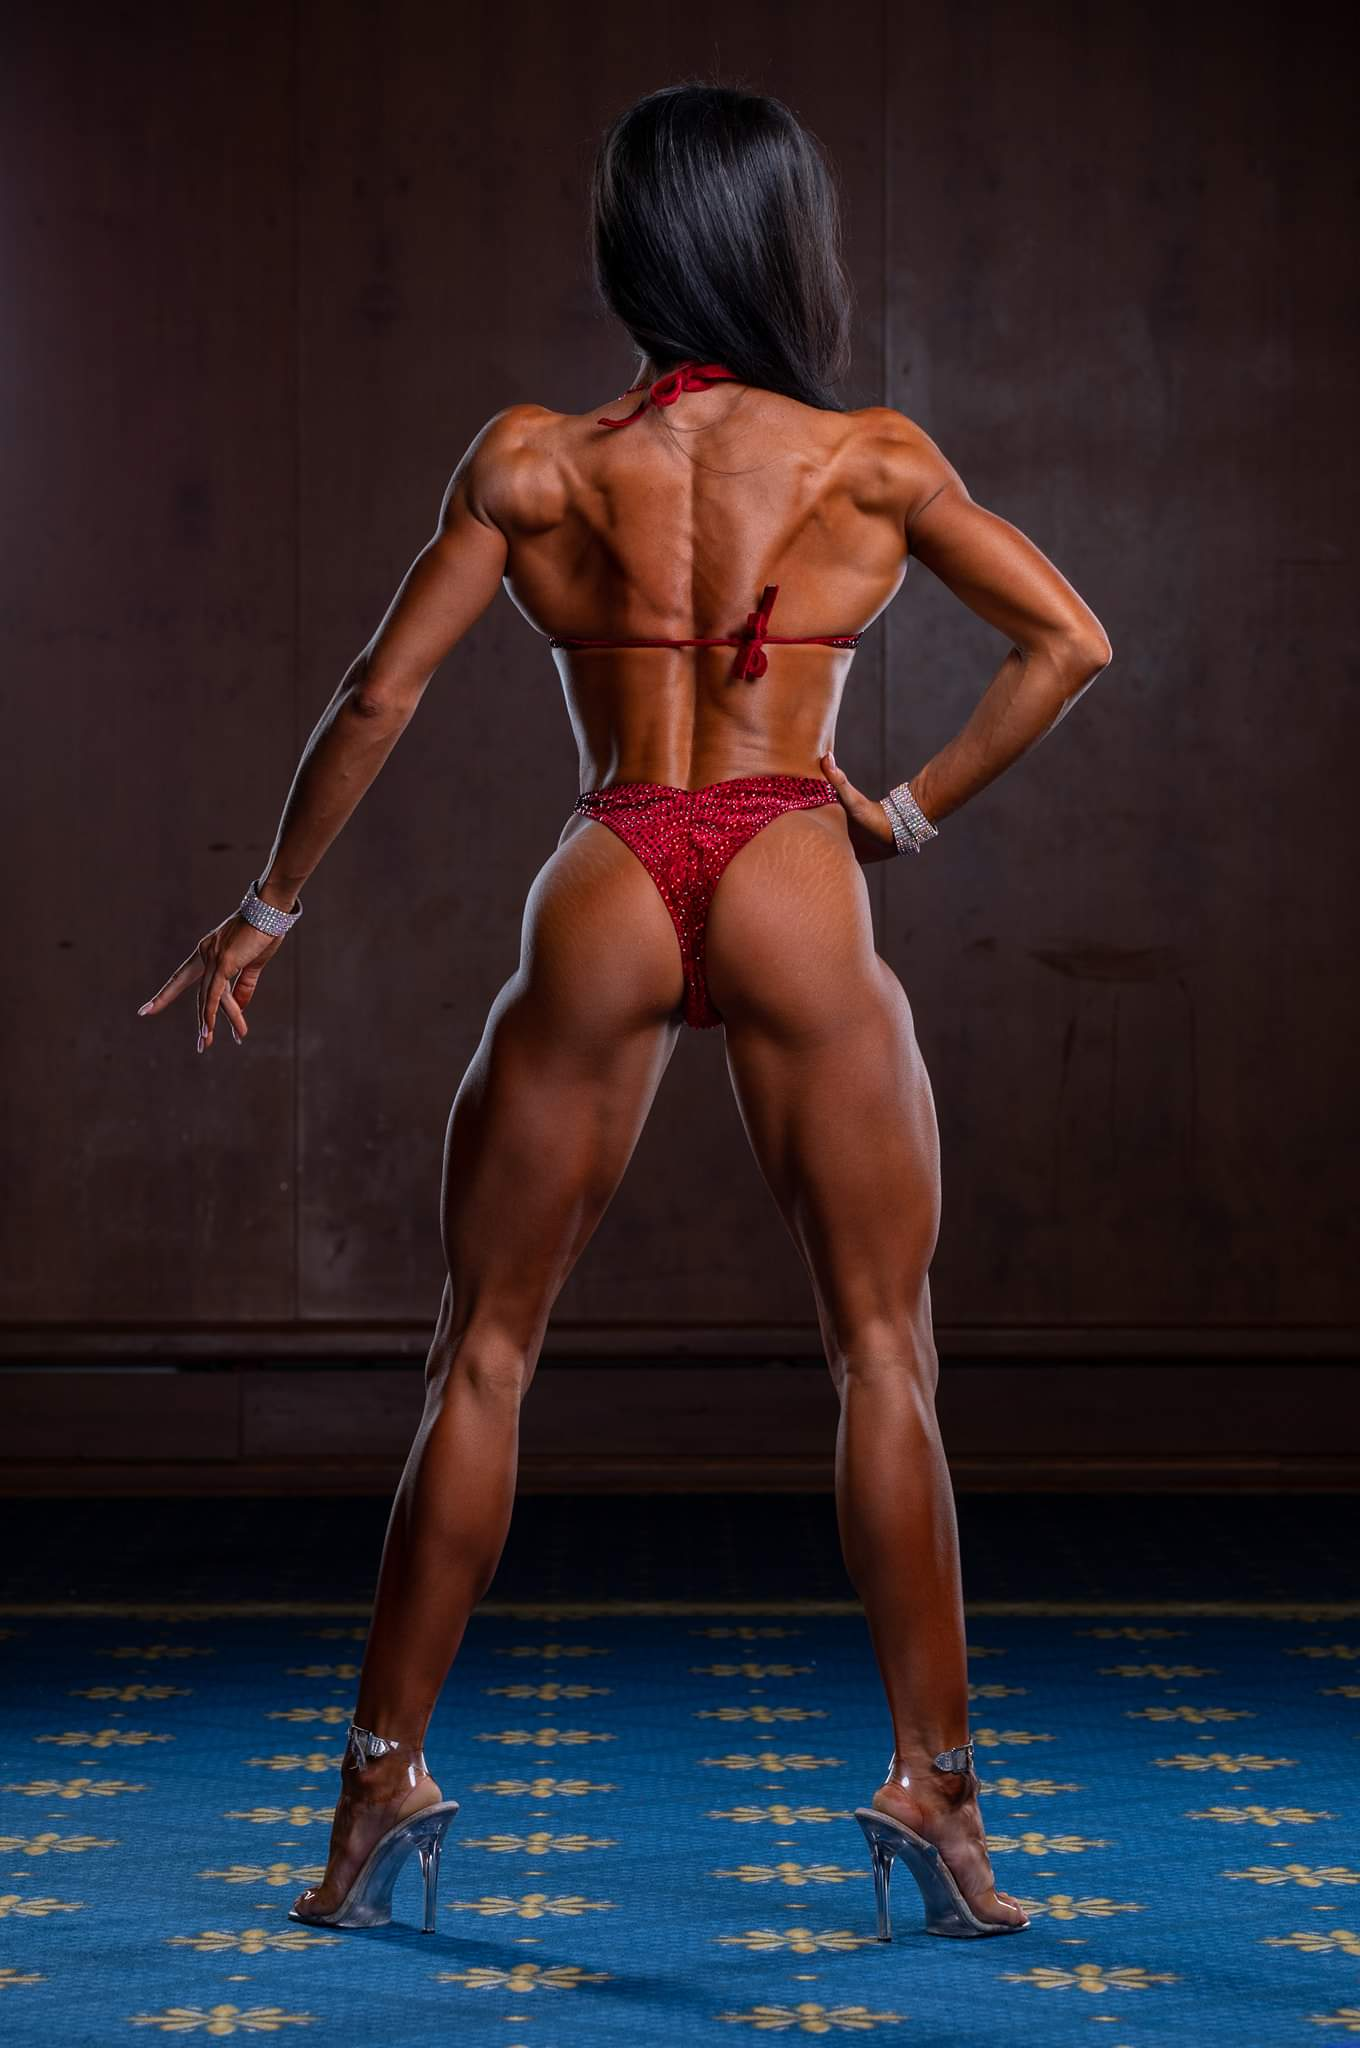 Karina Gavrikova ifbb elite pro bikini